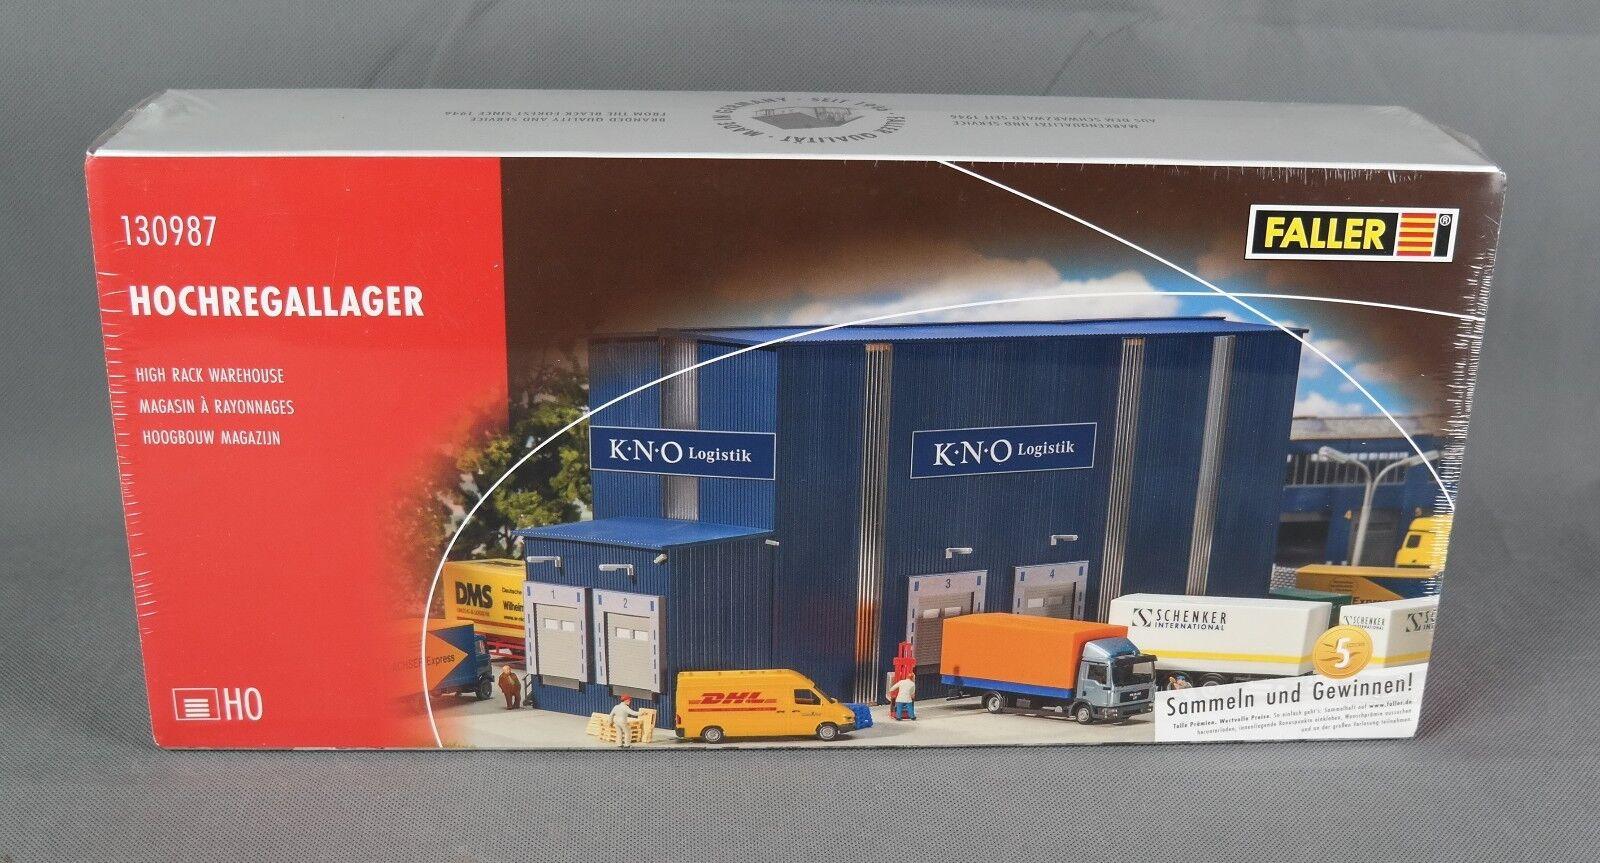 FALLER 130987  - - - Hochregallager - NEUWARE    Niedriger Preis und gute Qualität  8e1a20